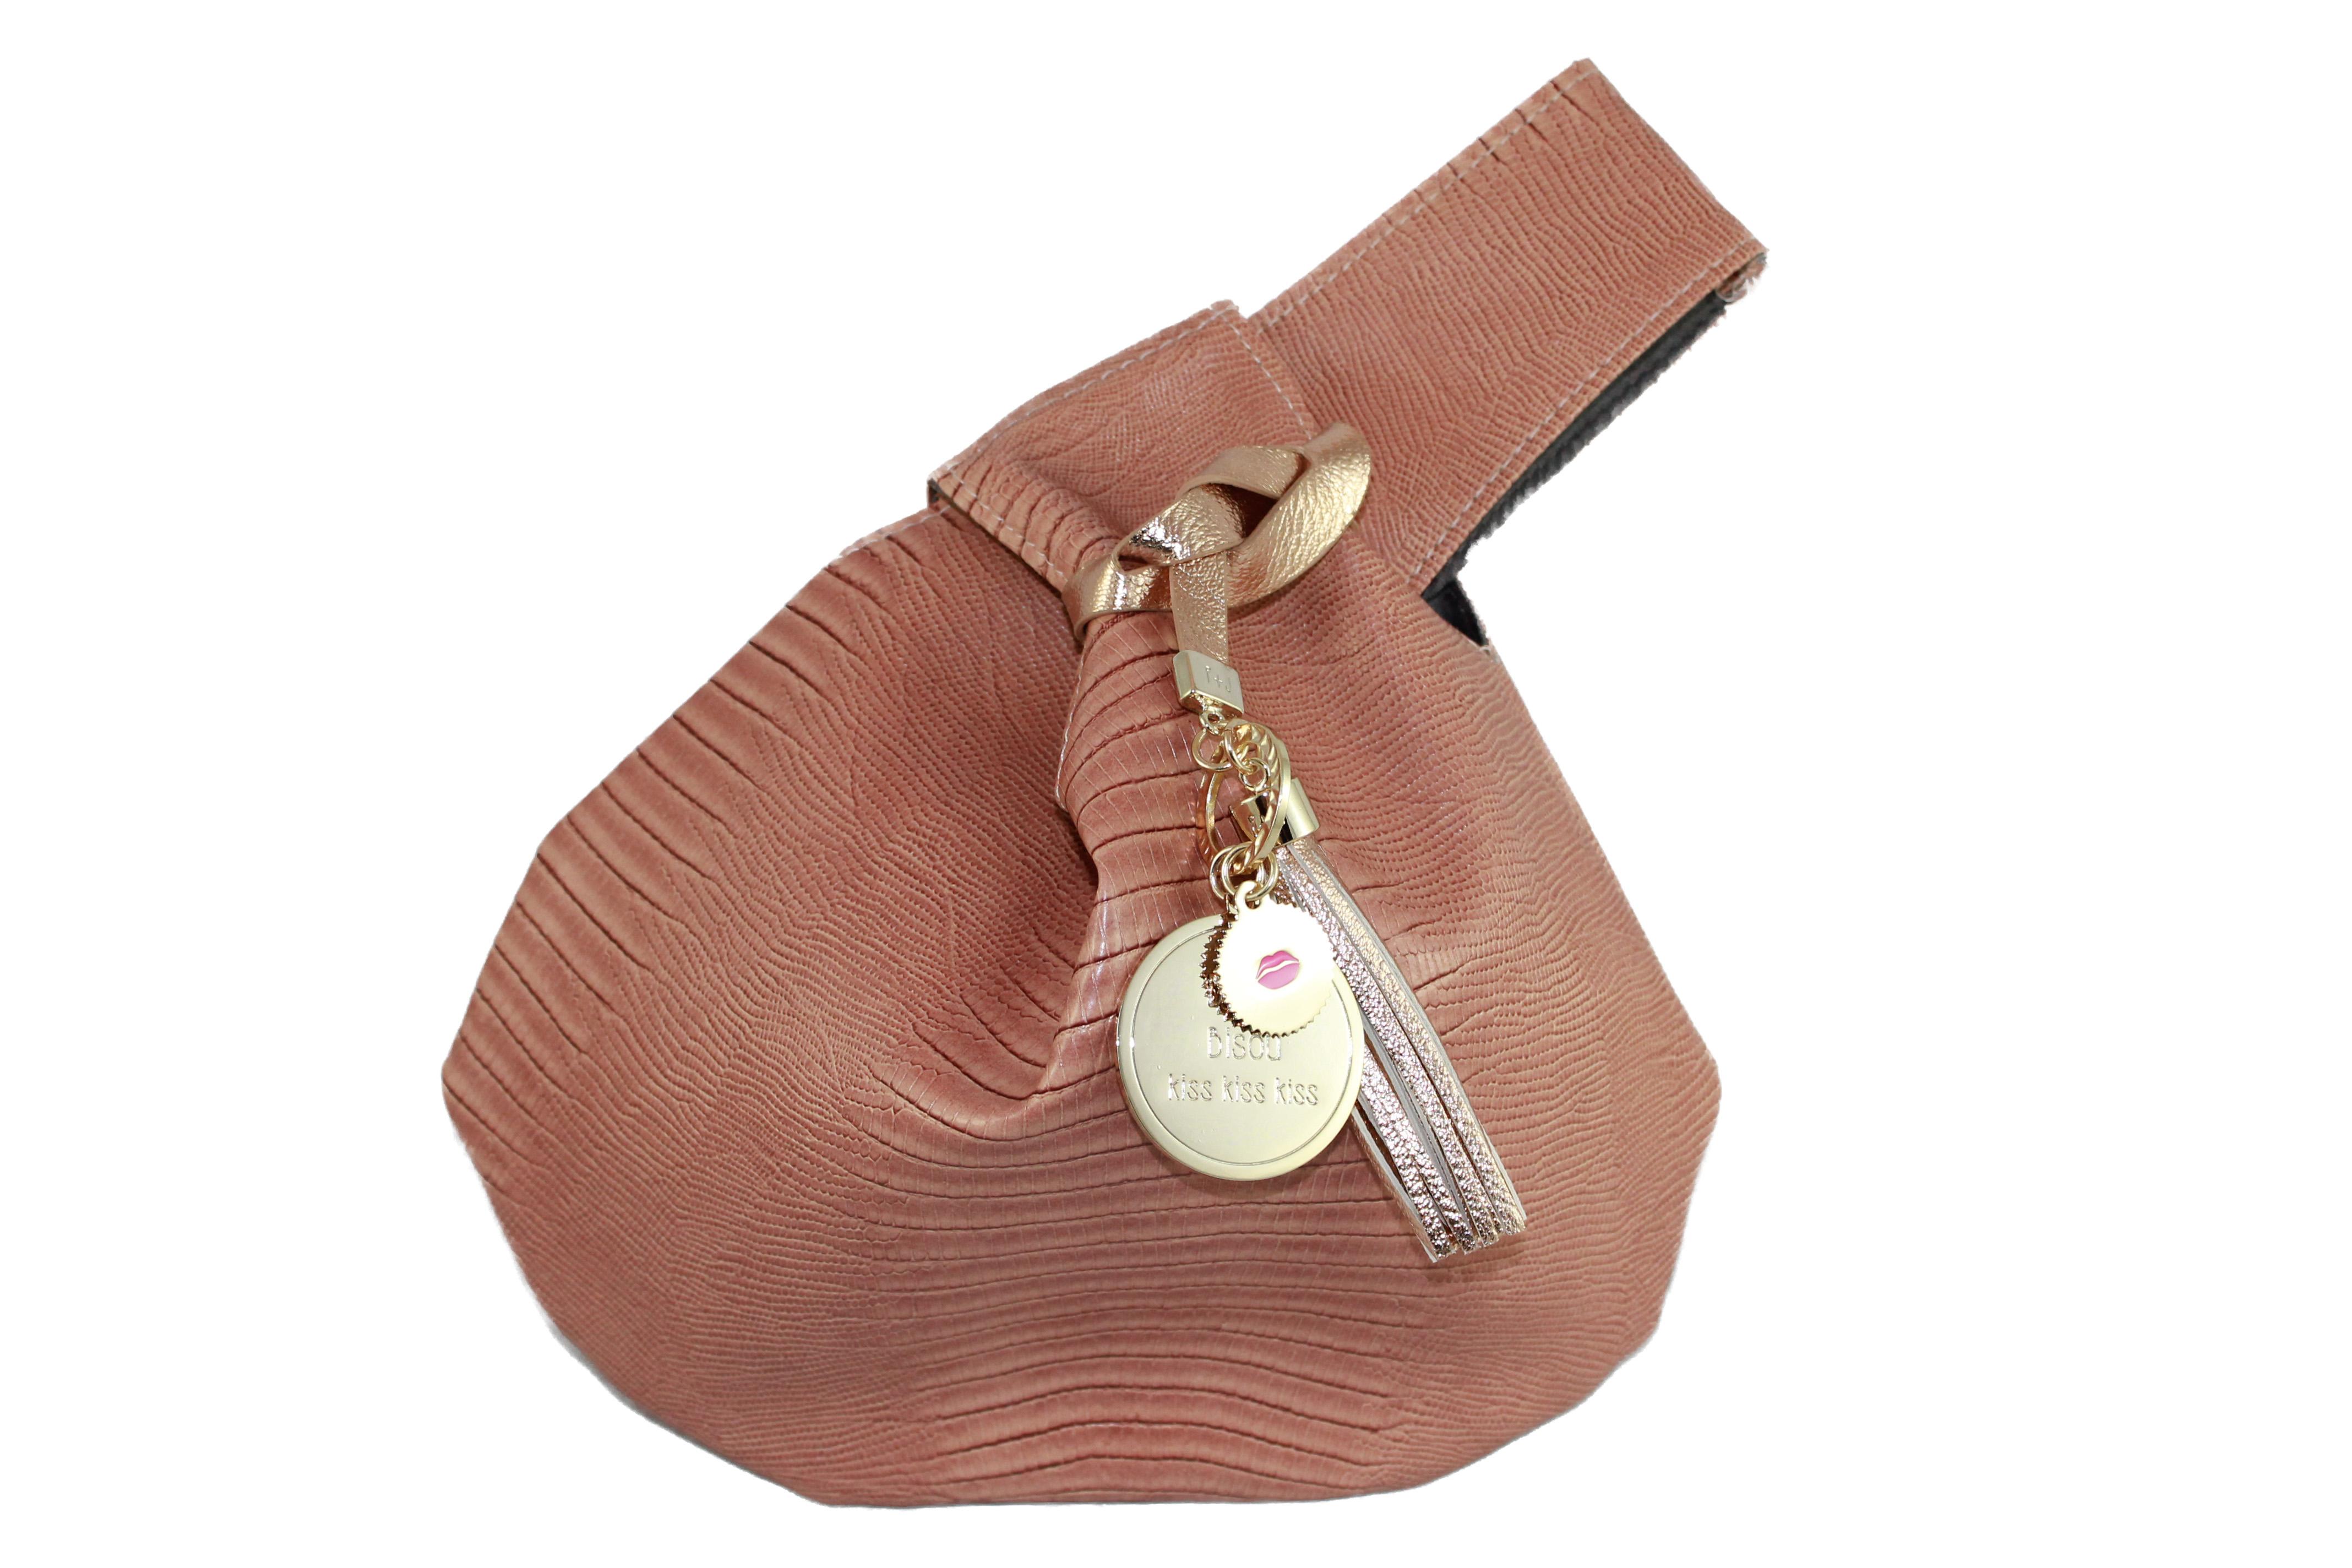 Poet + Joy Wrist Wrap Handbag